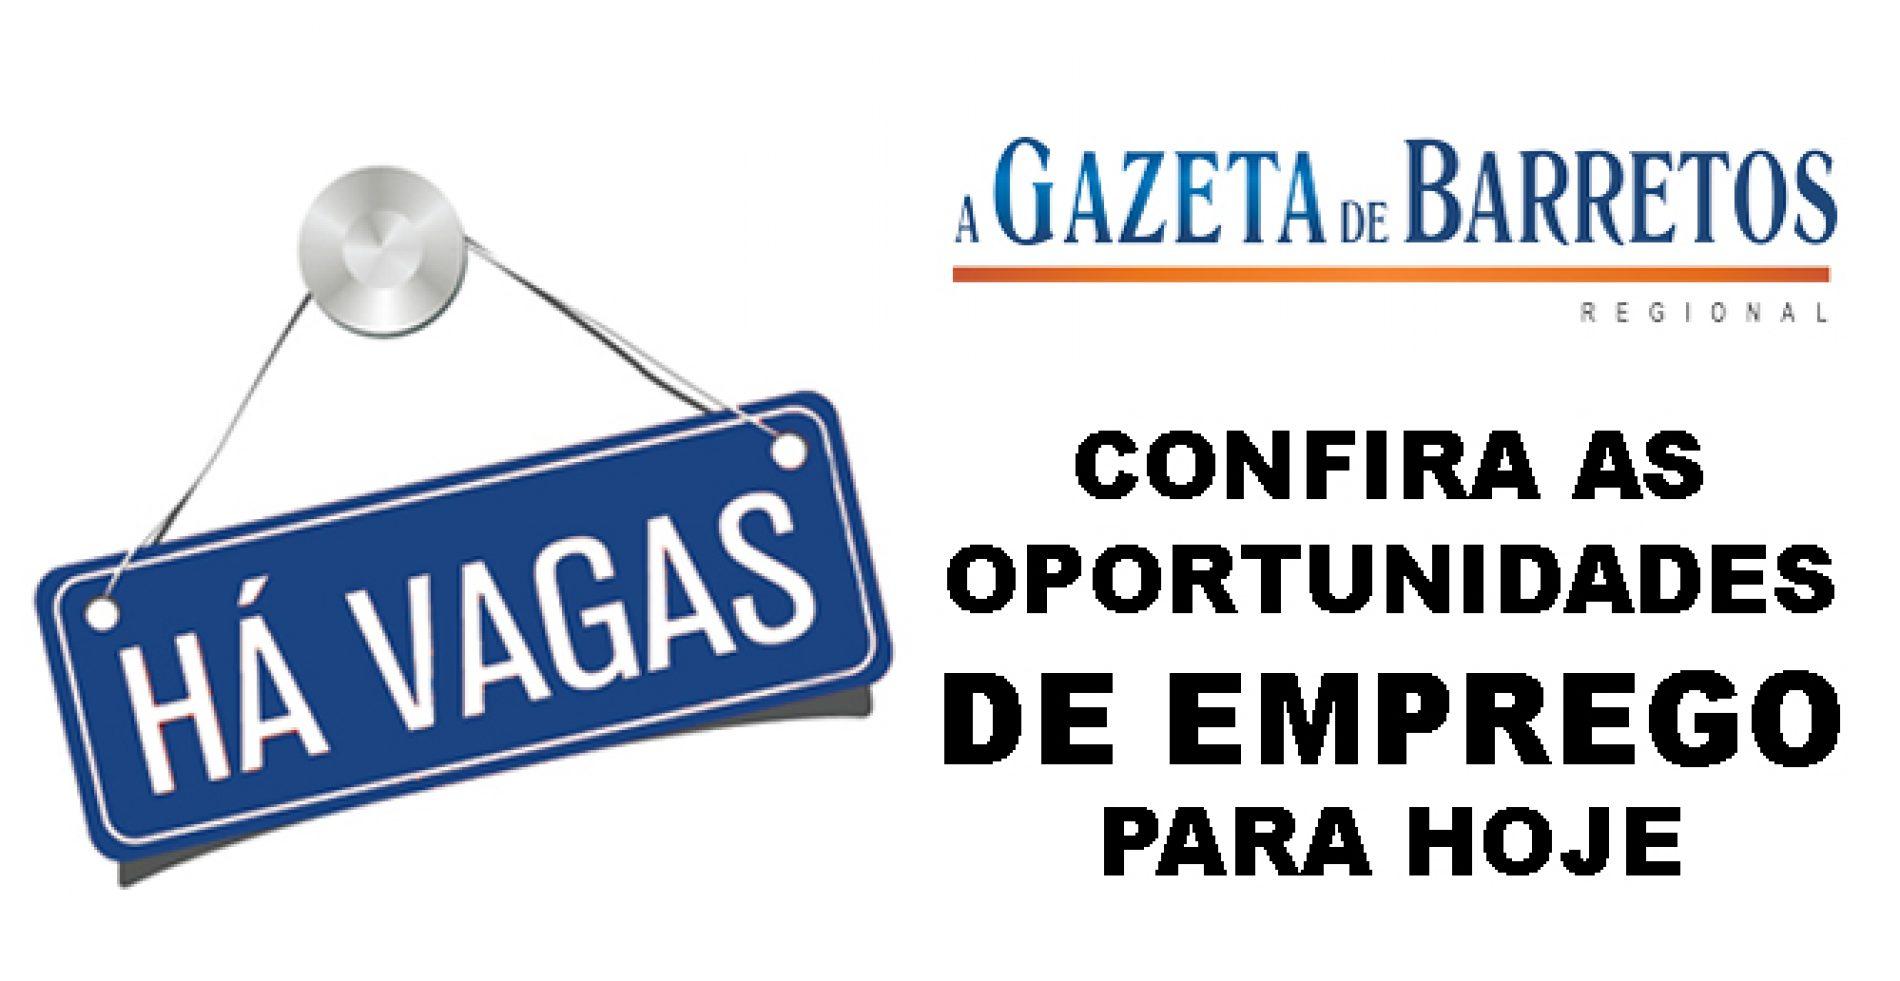 Vagas de emprego! confira as oportunidades de hoje 06/10/2017